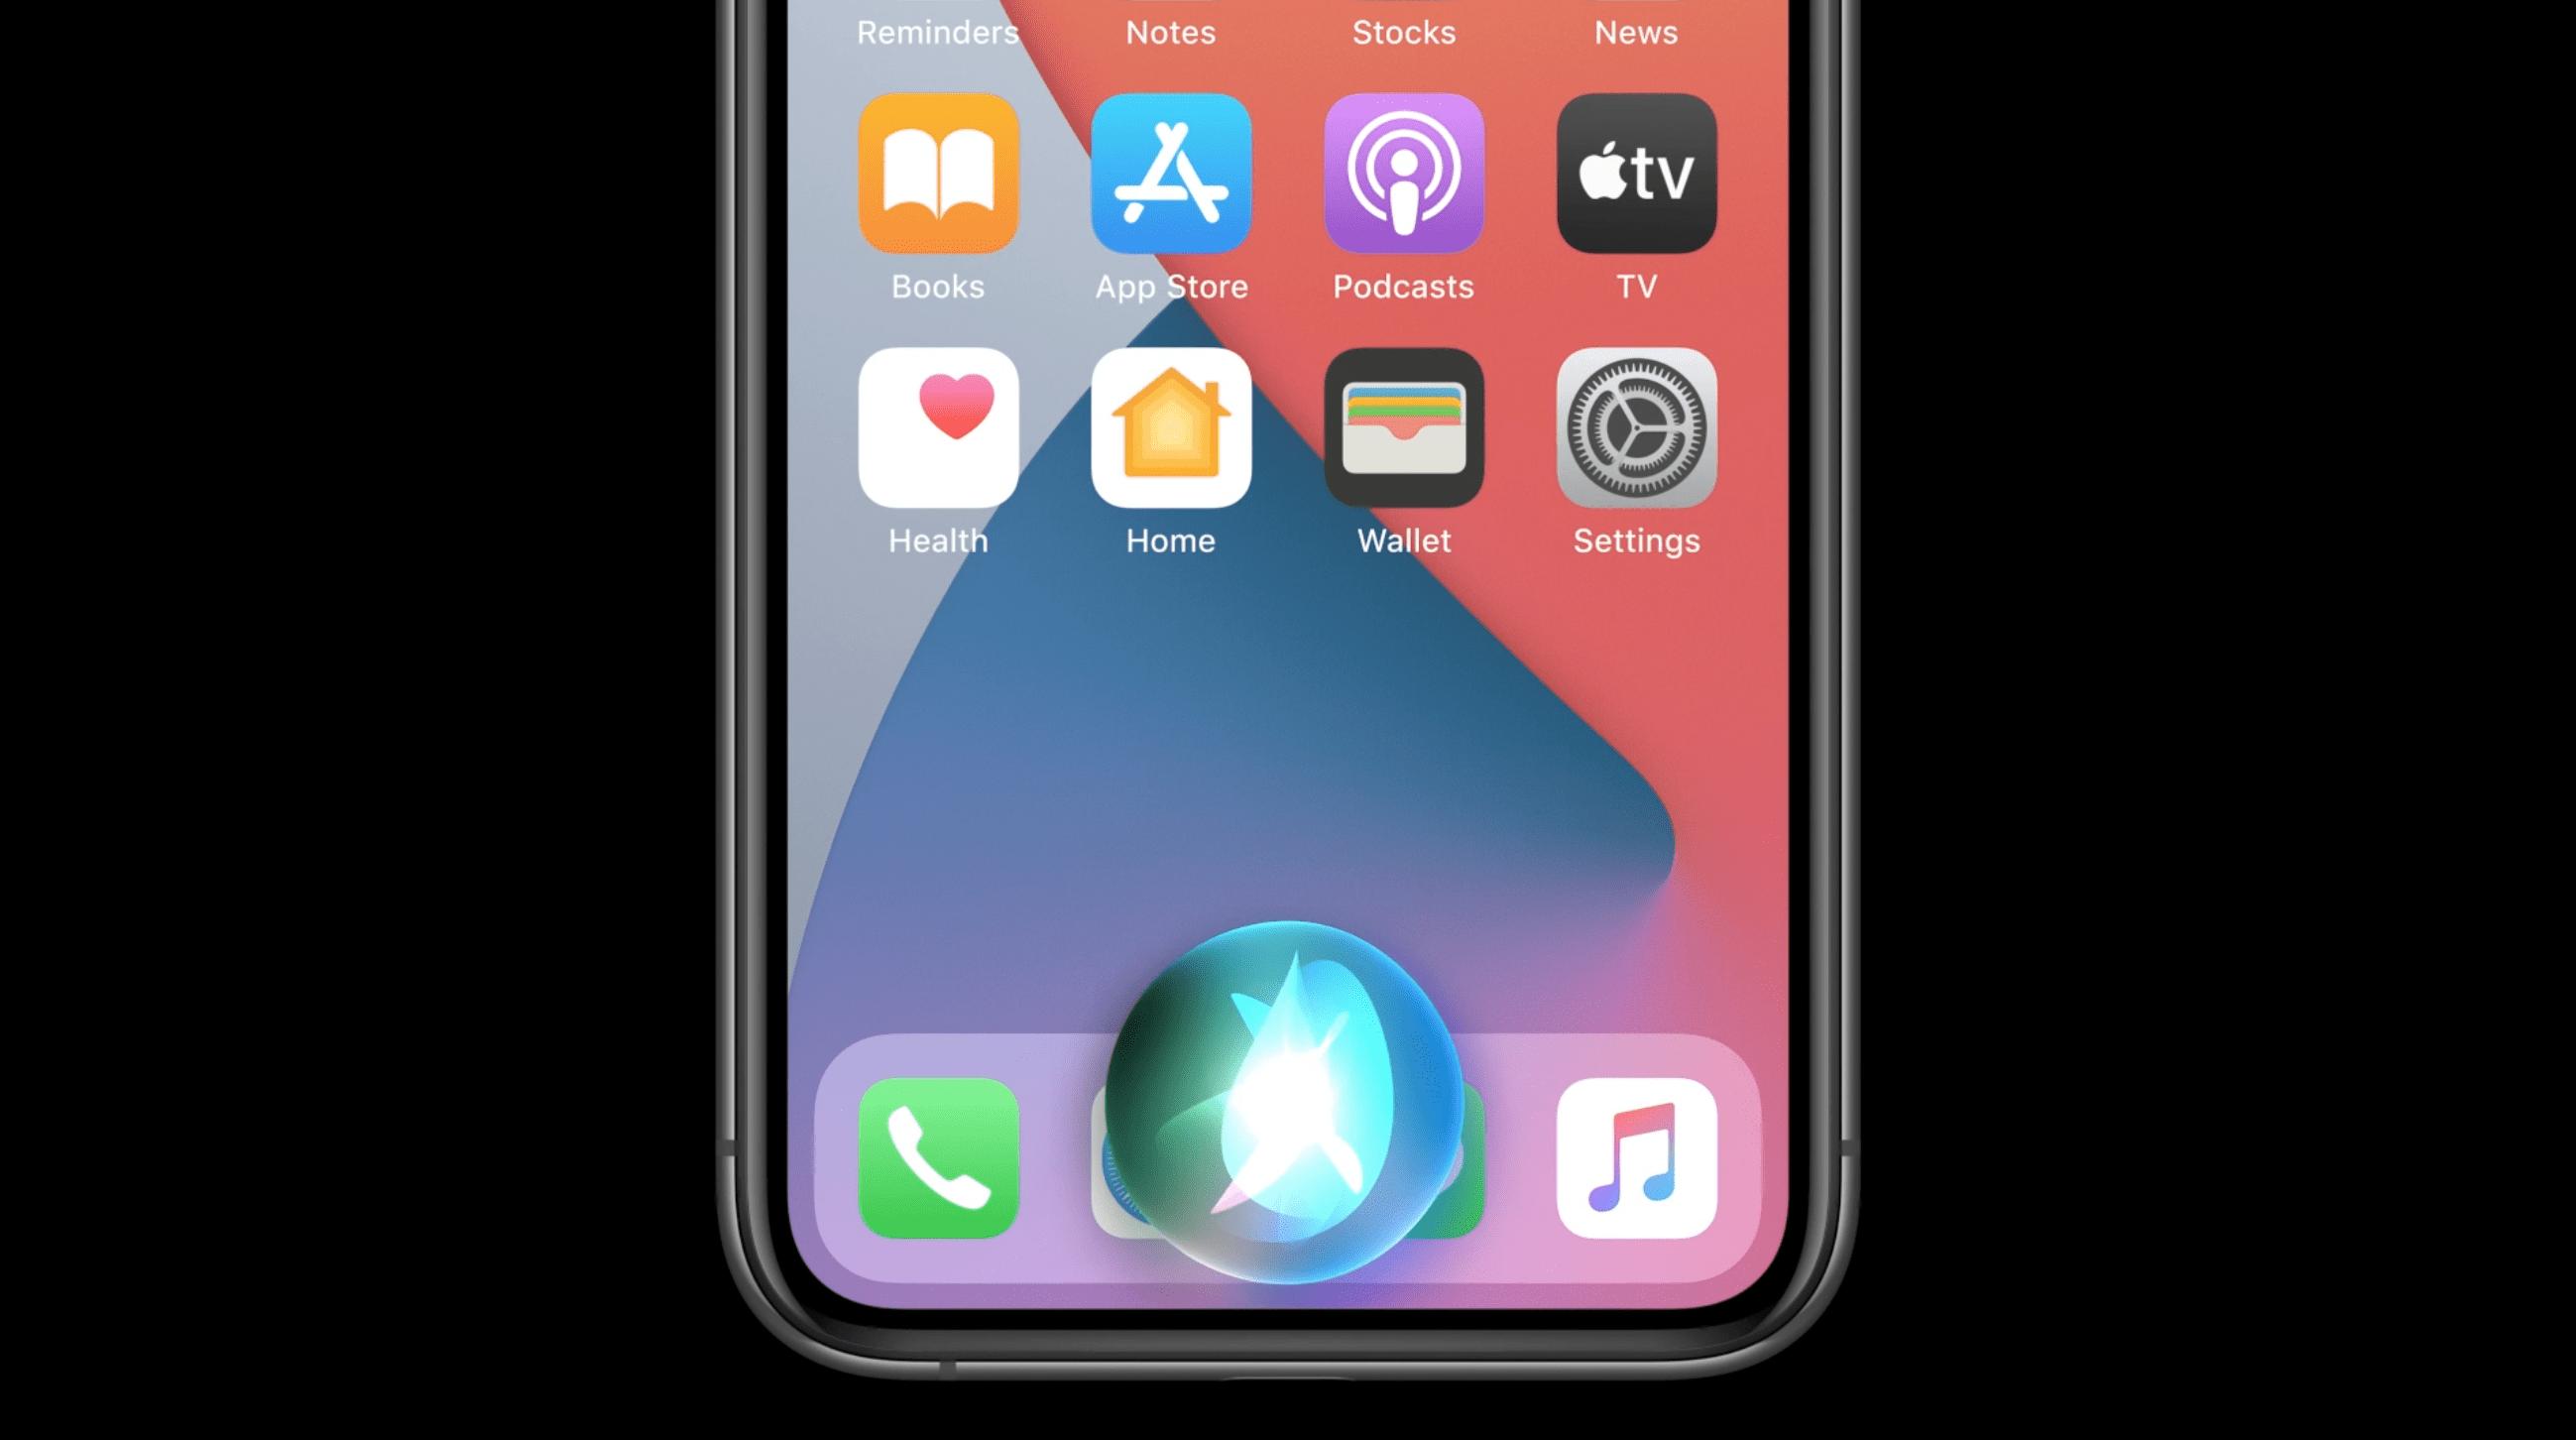 Skjermbilde 2020 06 22 kl. 19.14.27 - Snart kommer iOS 14 og iPad OS 14